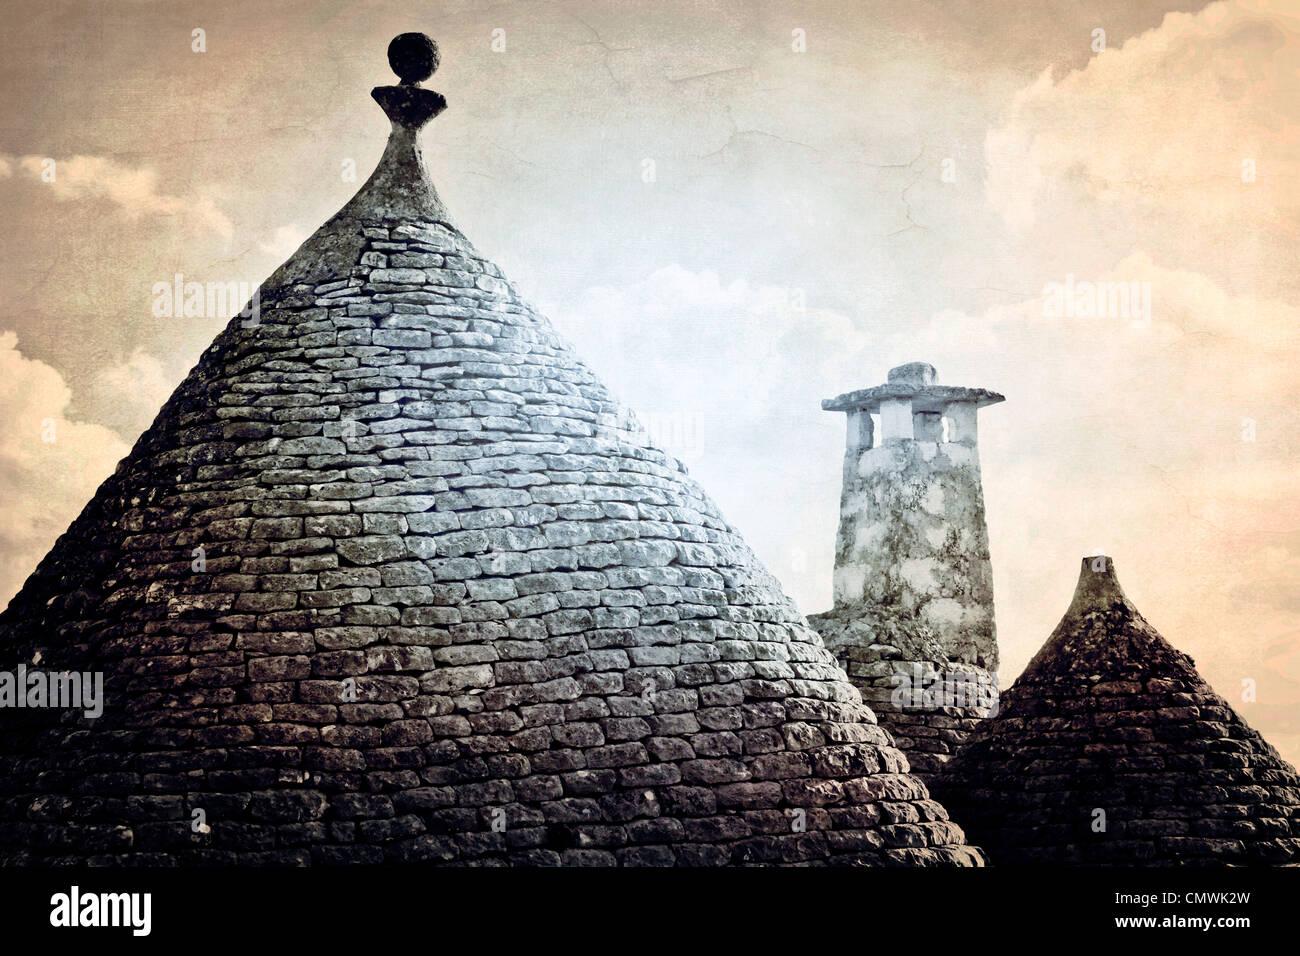 Dächer der Trulli - die typischen Häuser in Apulien Stockbild